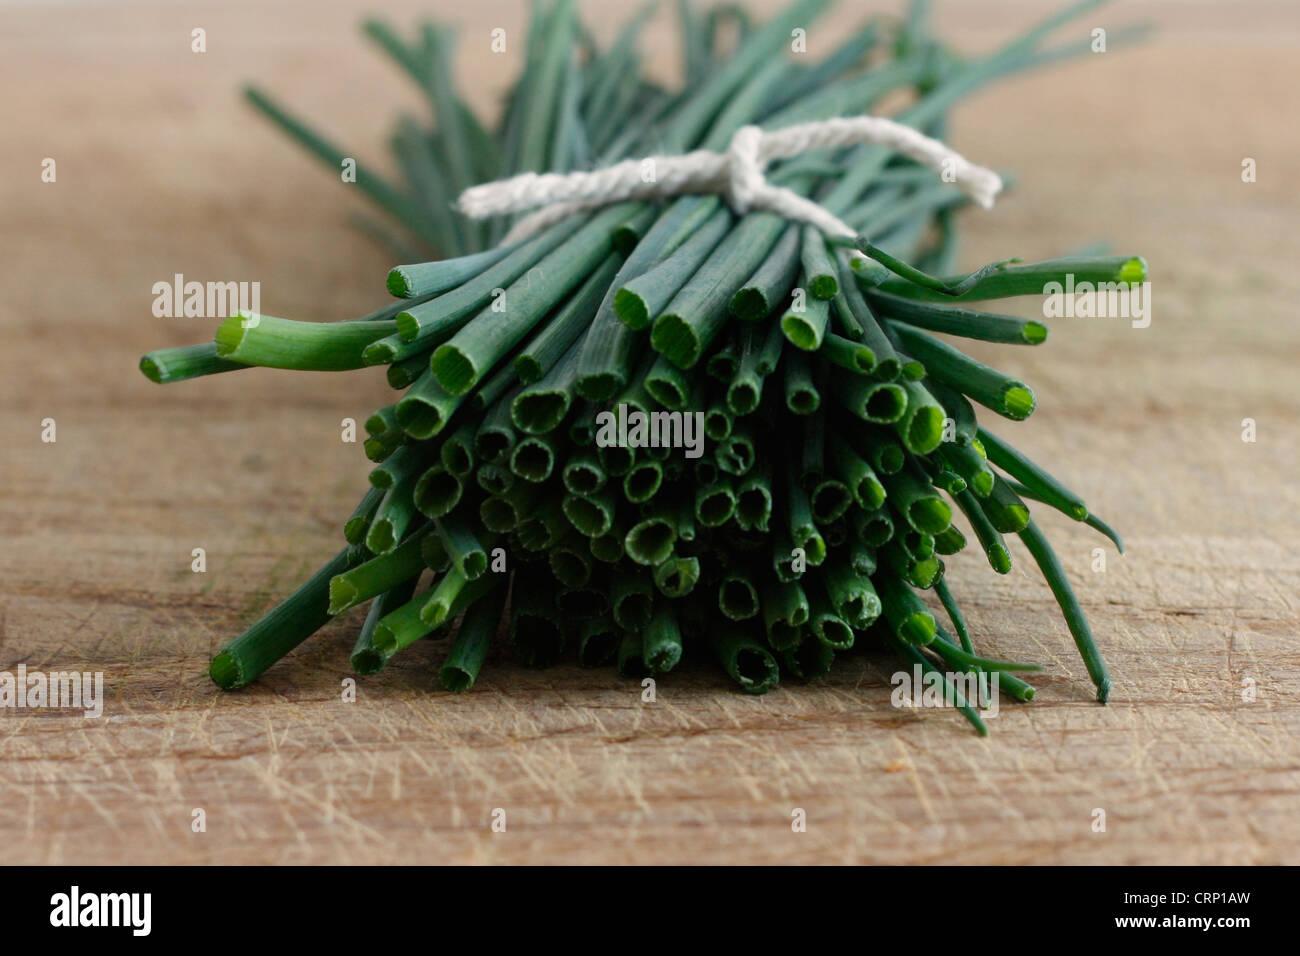 Erba cipollina su una superficie in legno Immagini Stock